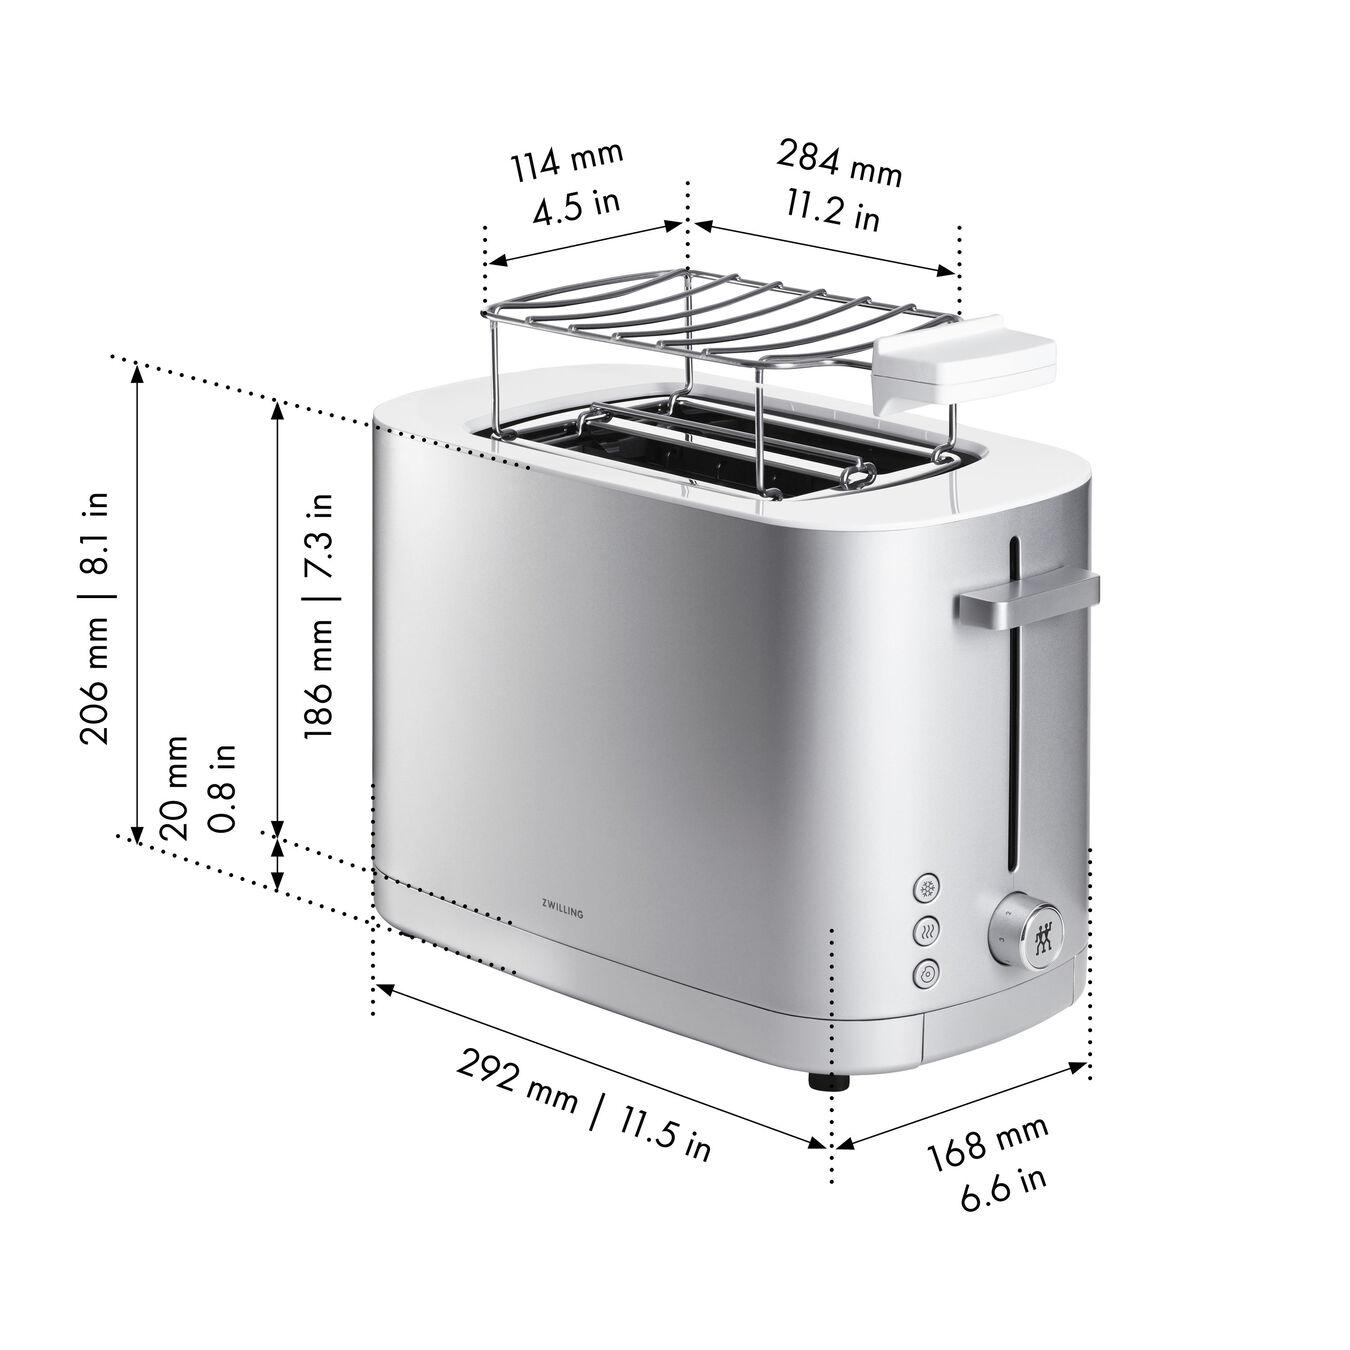 Toaster mit Brötchenaufsatz, 2 Schlitze kurz, Silber,,large 8